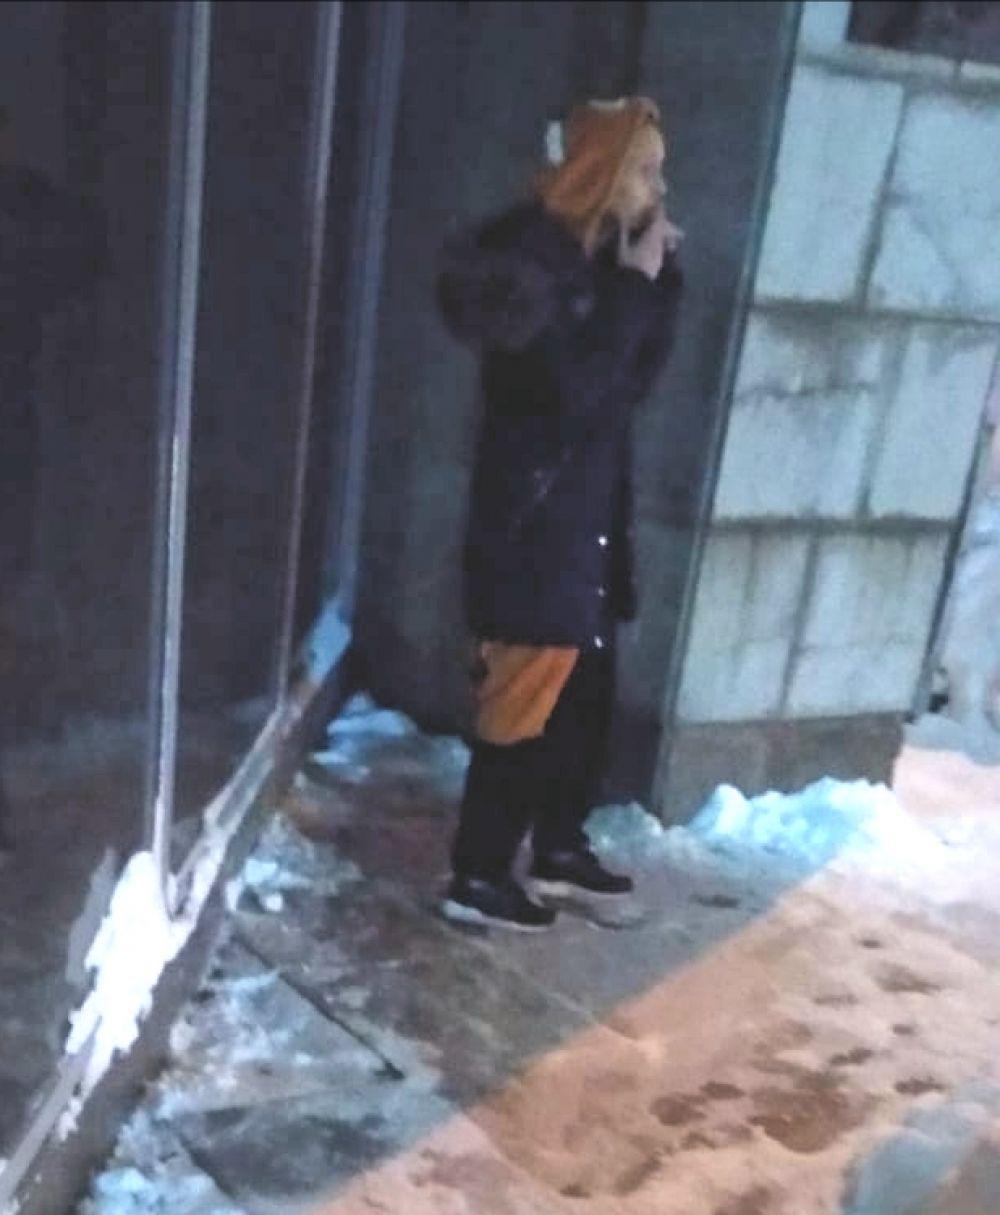 Еще одна фишка молодежи - носить пижамы кигуруми (в виде разных животных) на выход. На снимке девушка в кигуруми в виде тигра стоит зимой на улице.